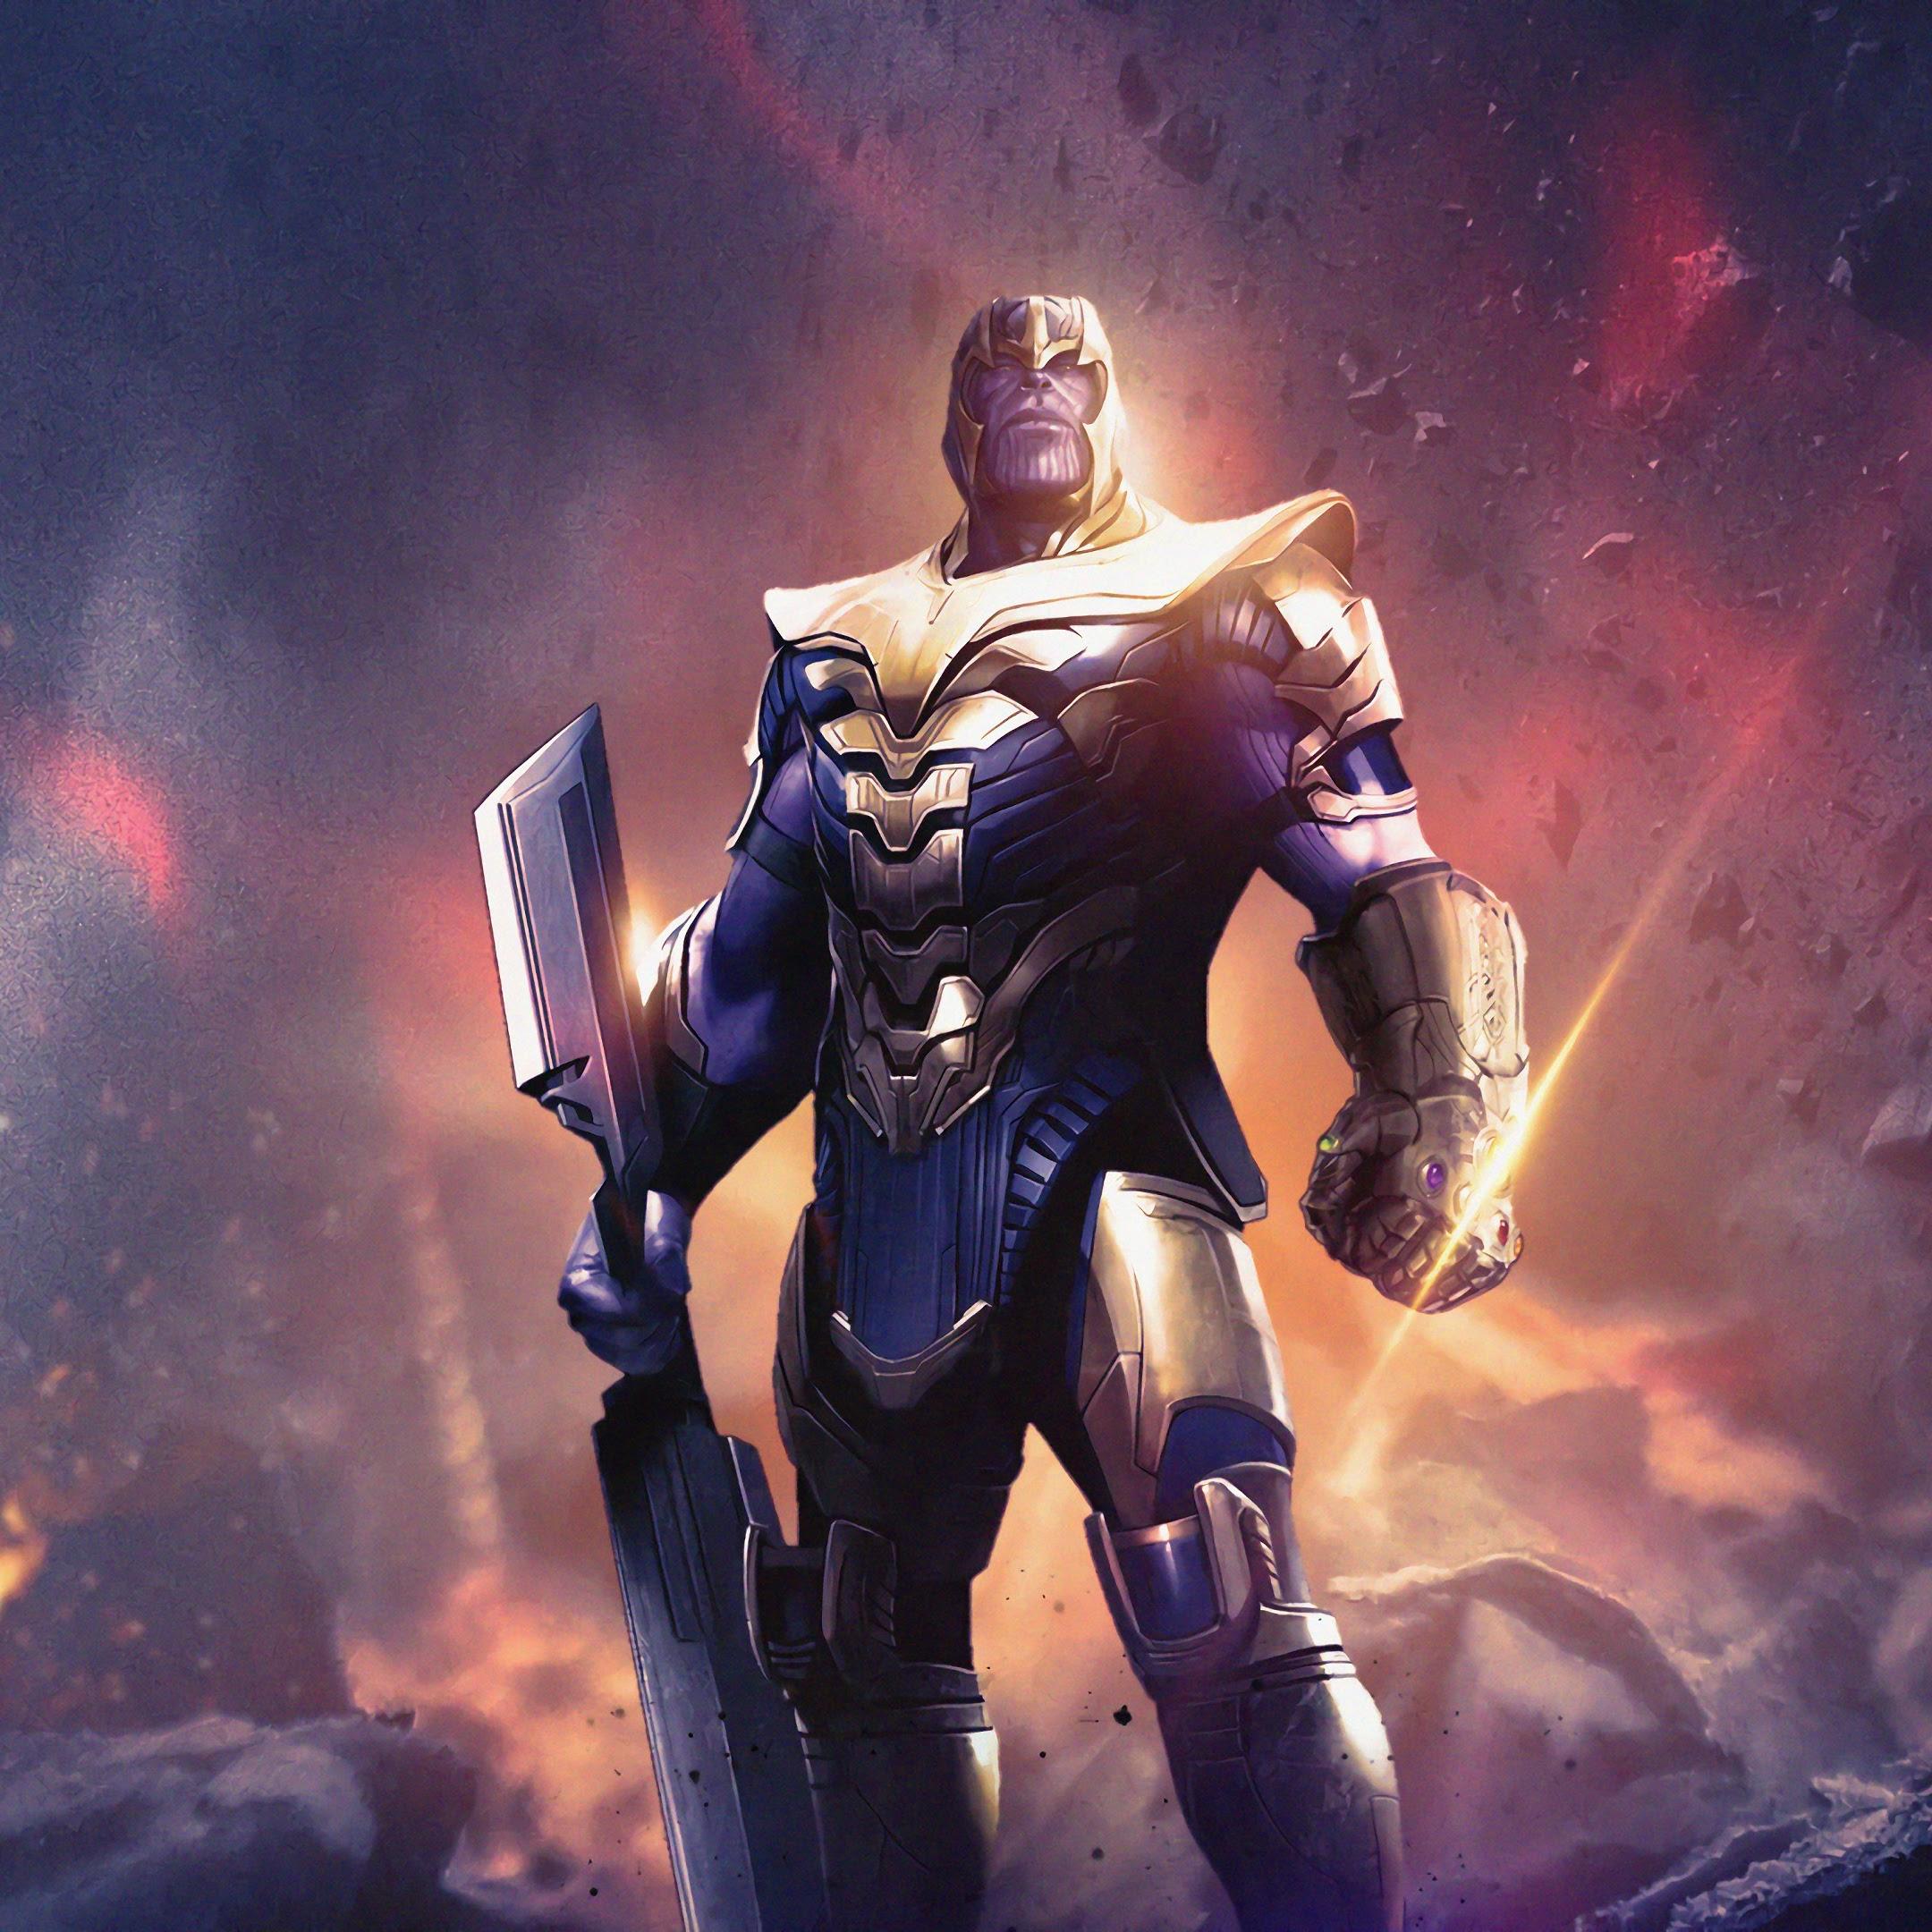 Avengers Endgame Thanos Weapon 4k 137 Wallpaper